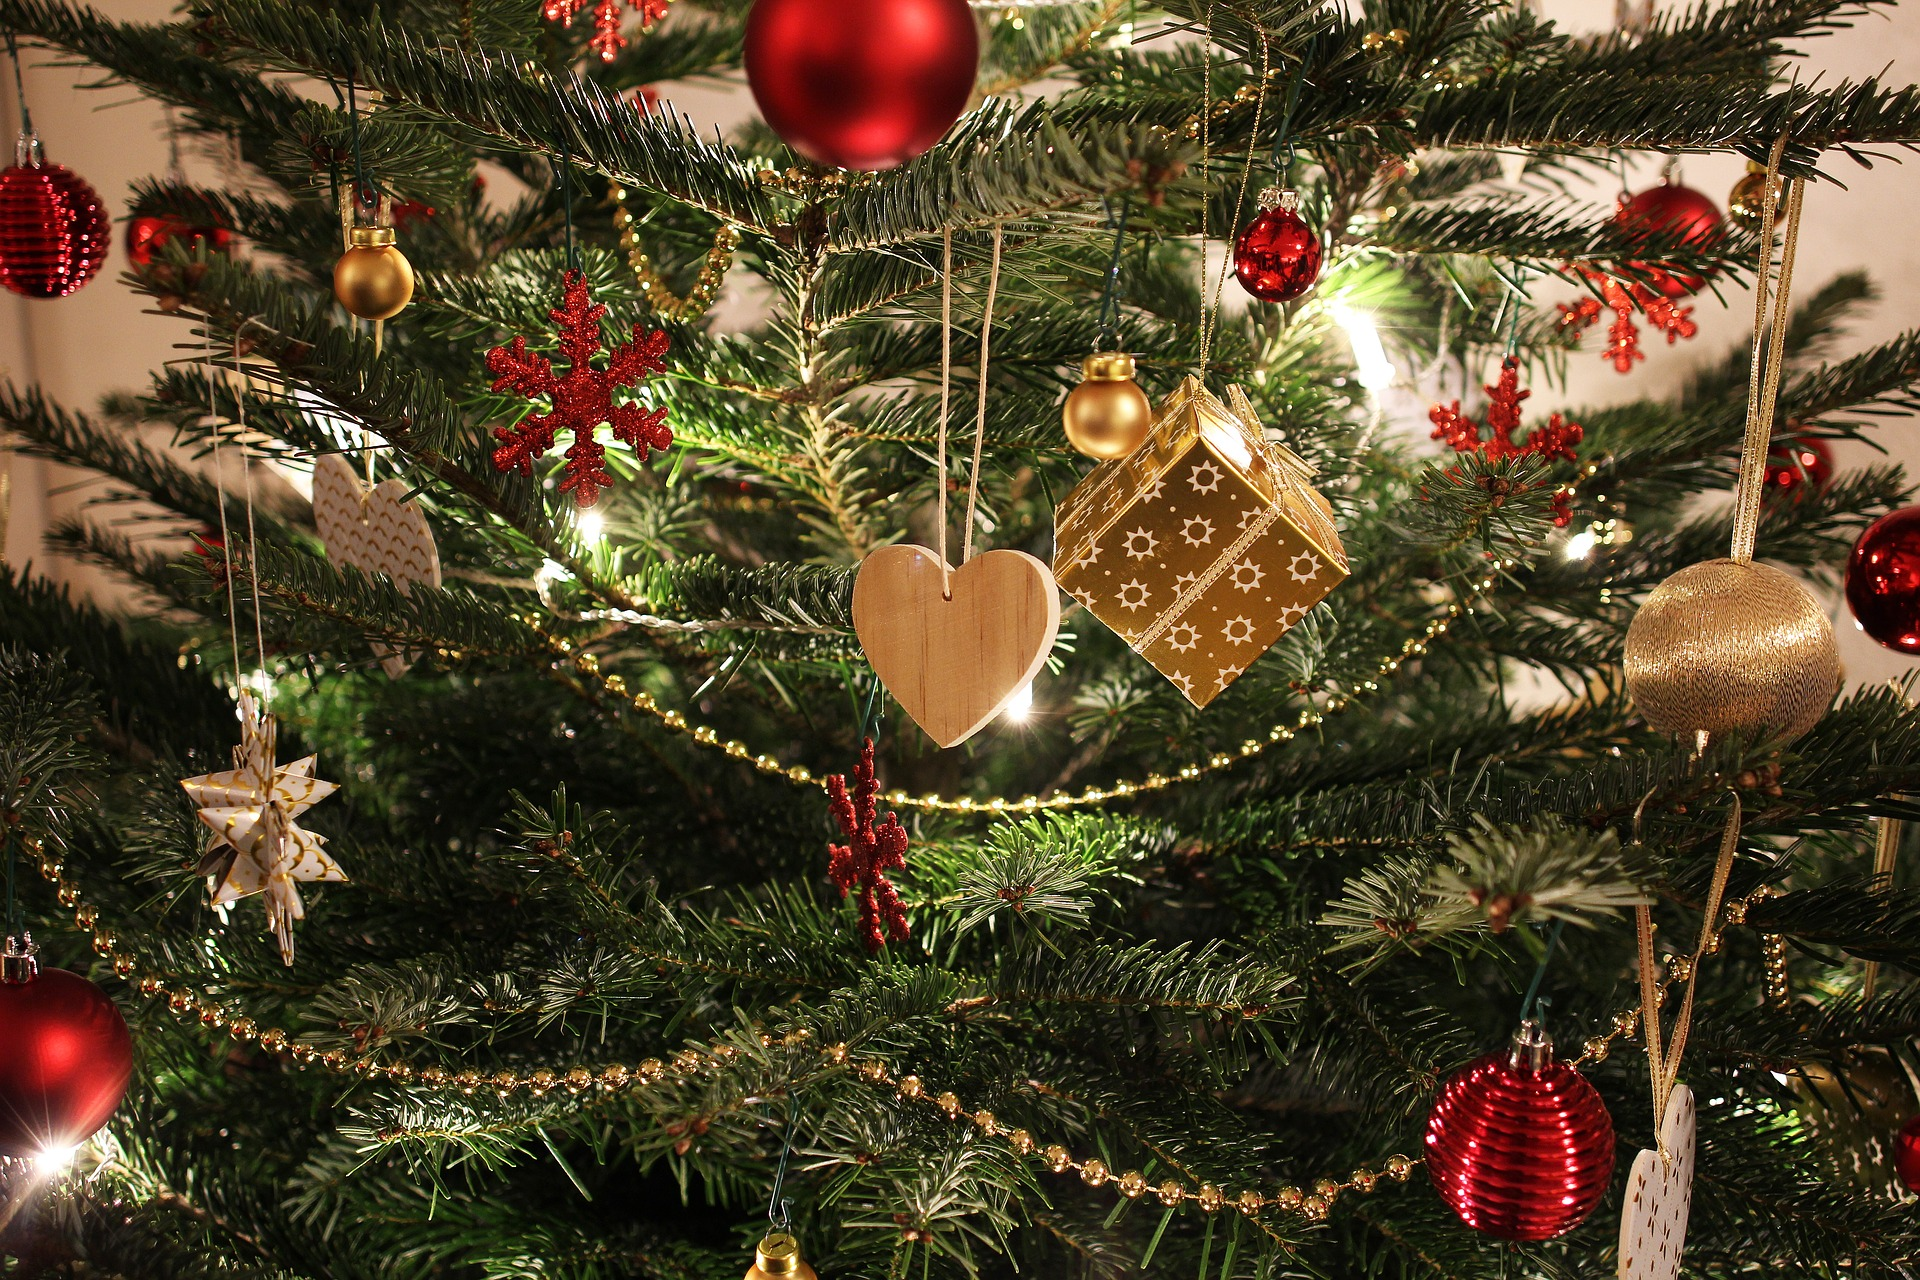 Närbild på en pyntad julgran